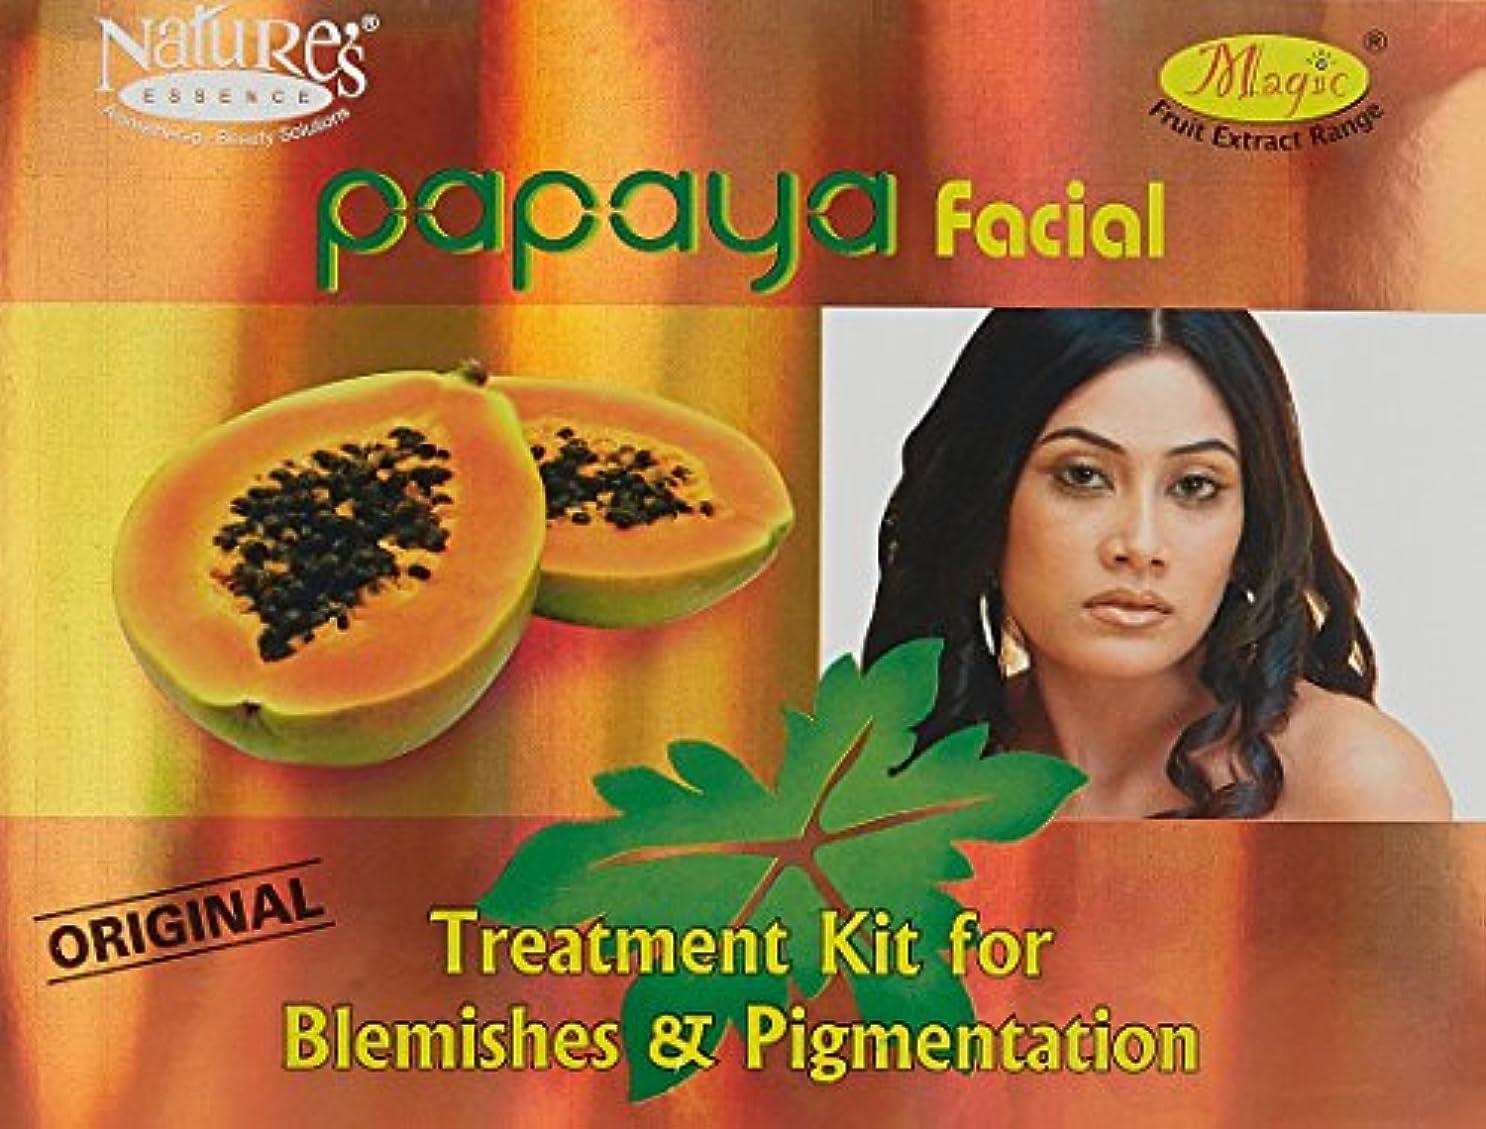 ボア大腿別に自然のエッセンスパパイヤフェイシャルキットシミ·色素沈着1キットNature's Essence Papaya Facial Kit Blemishes & Pigmentation 1 Kit